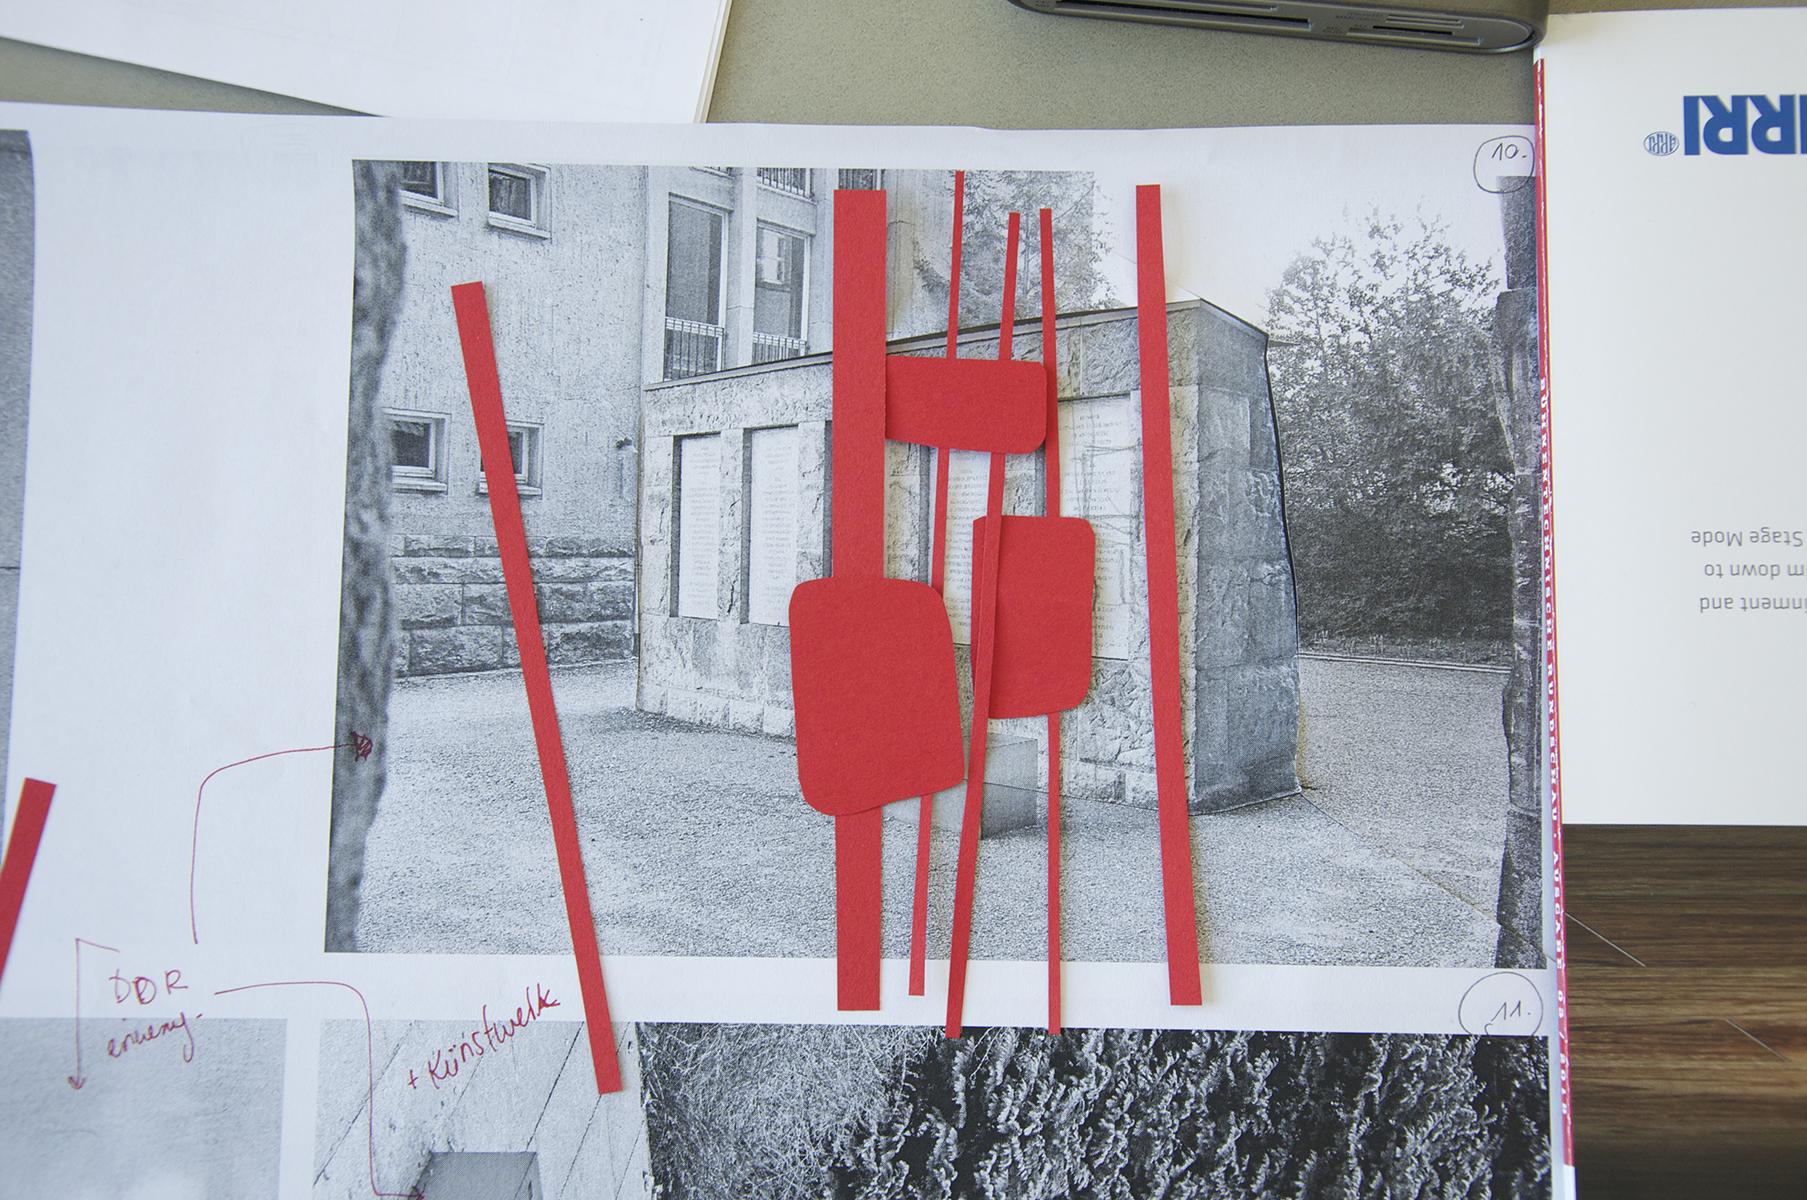 """<span class=""""deutsch"""">Entwurf_Erste Idee Collage</span><span class=""""englisch"""">Entwurf_Erste Idee Collage</span>"""